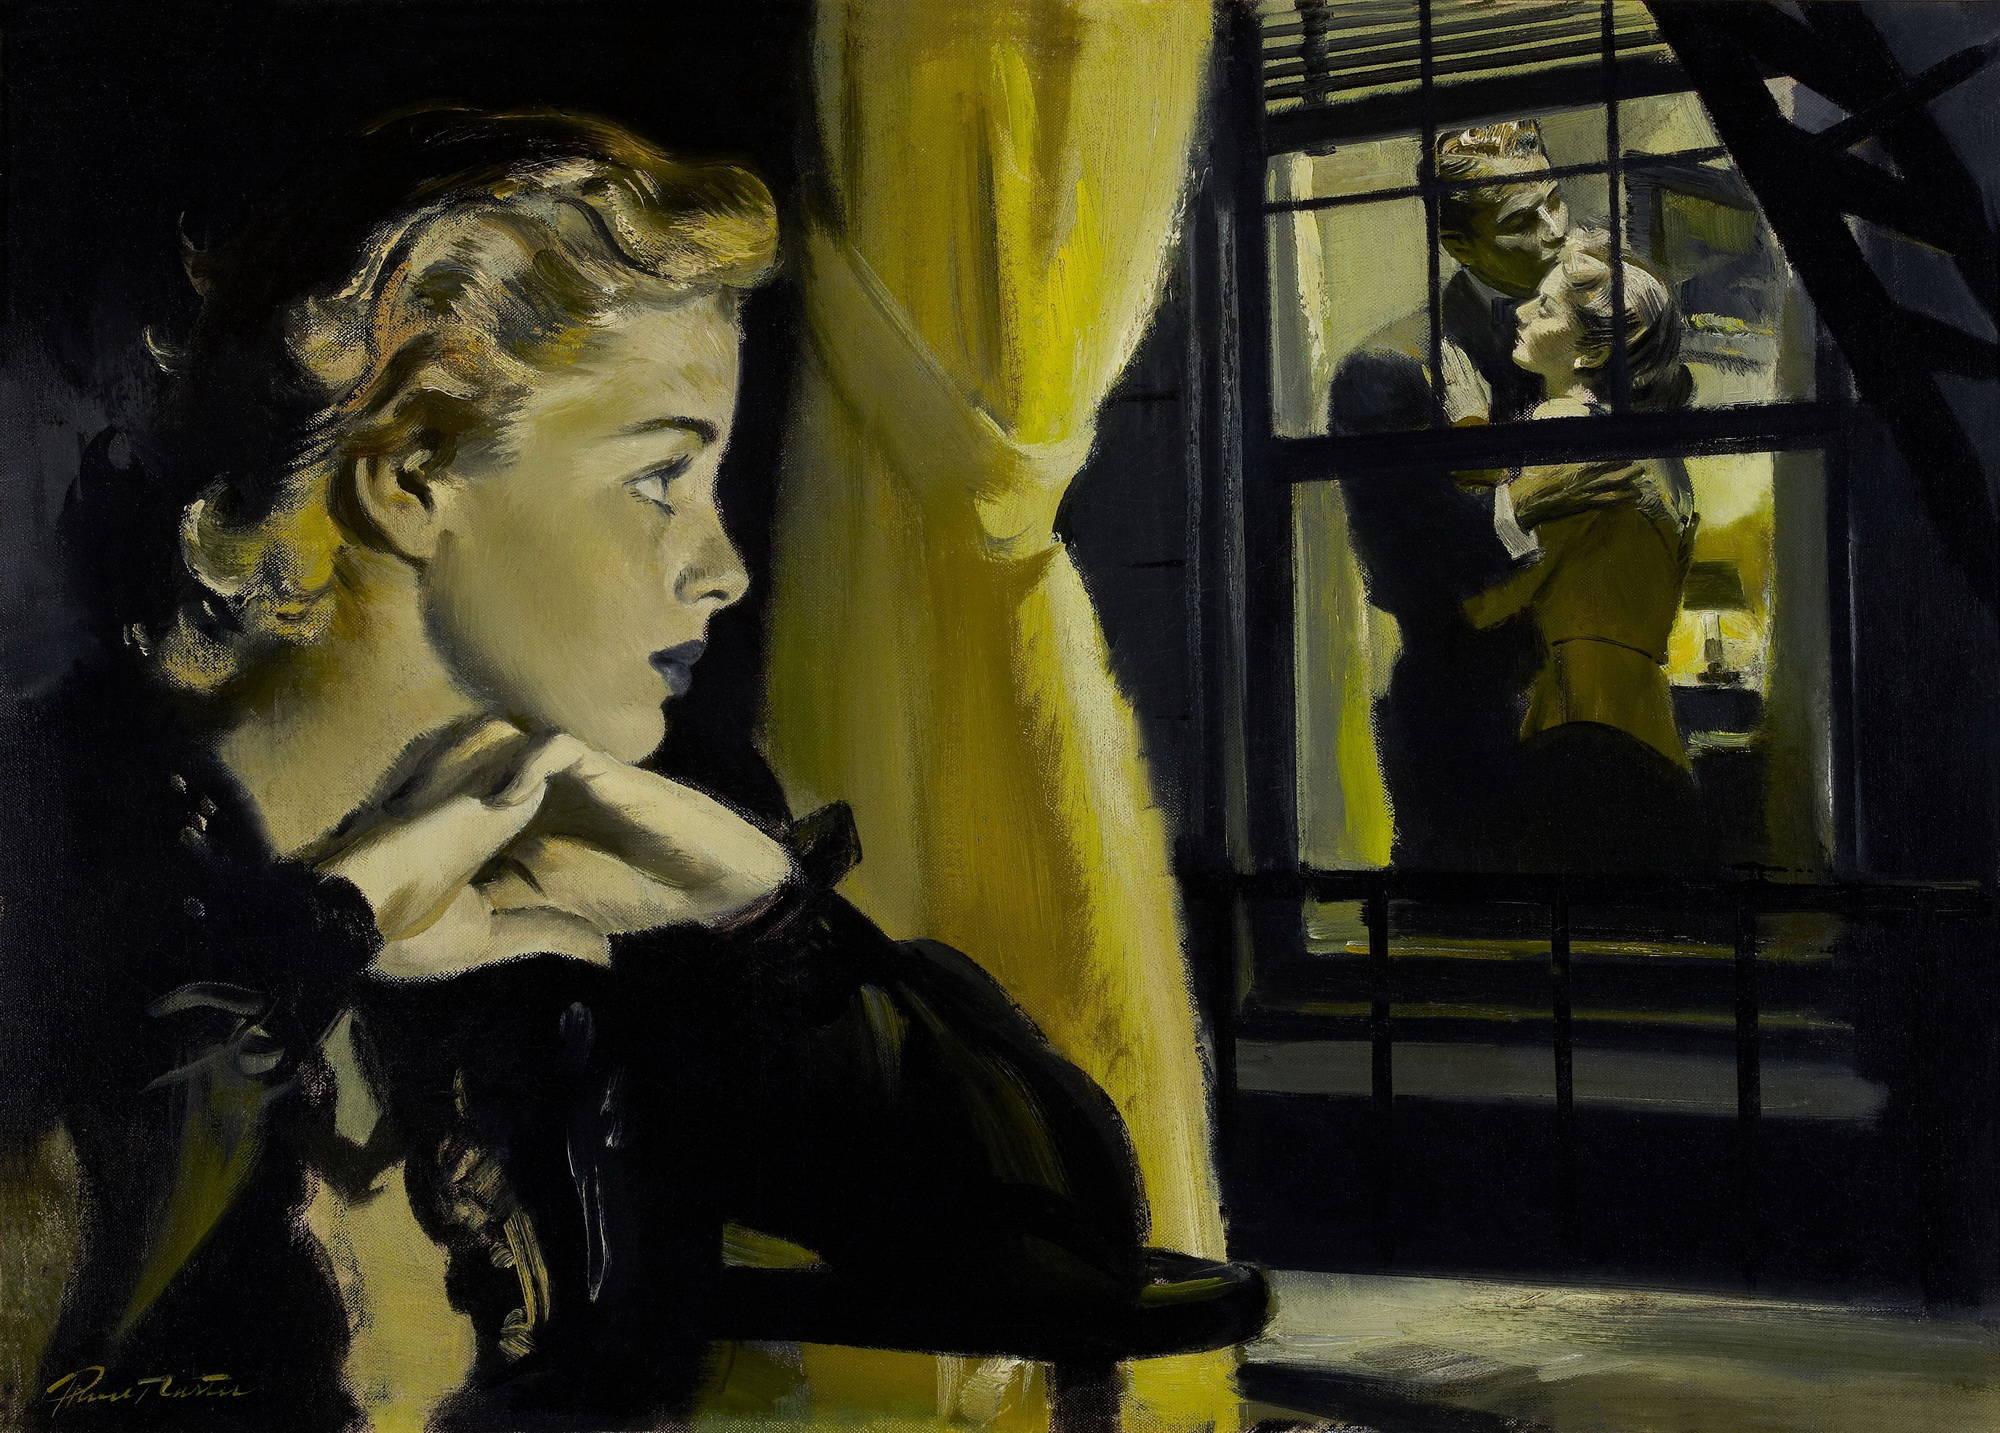 Прутт Картер (Pruett Carter) Через окно